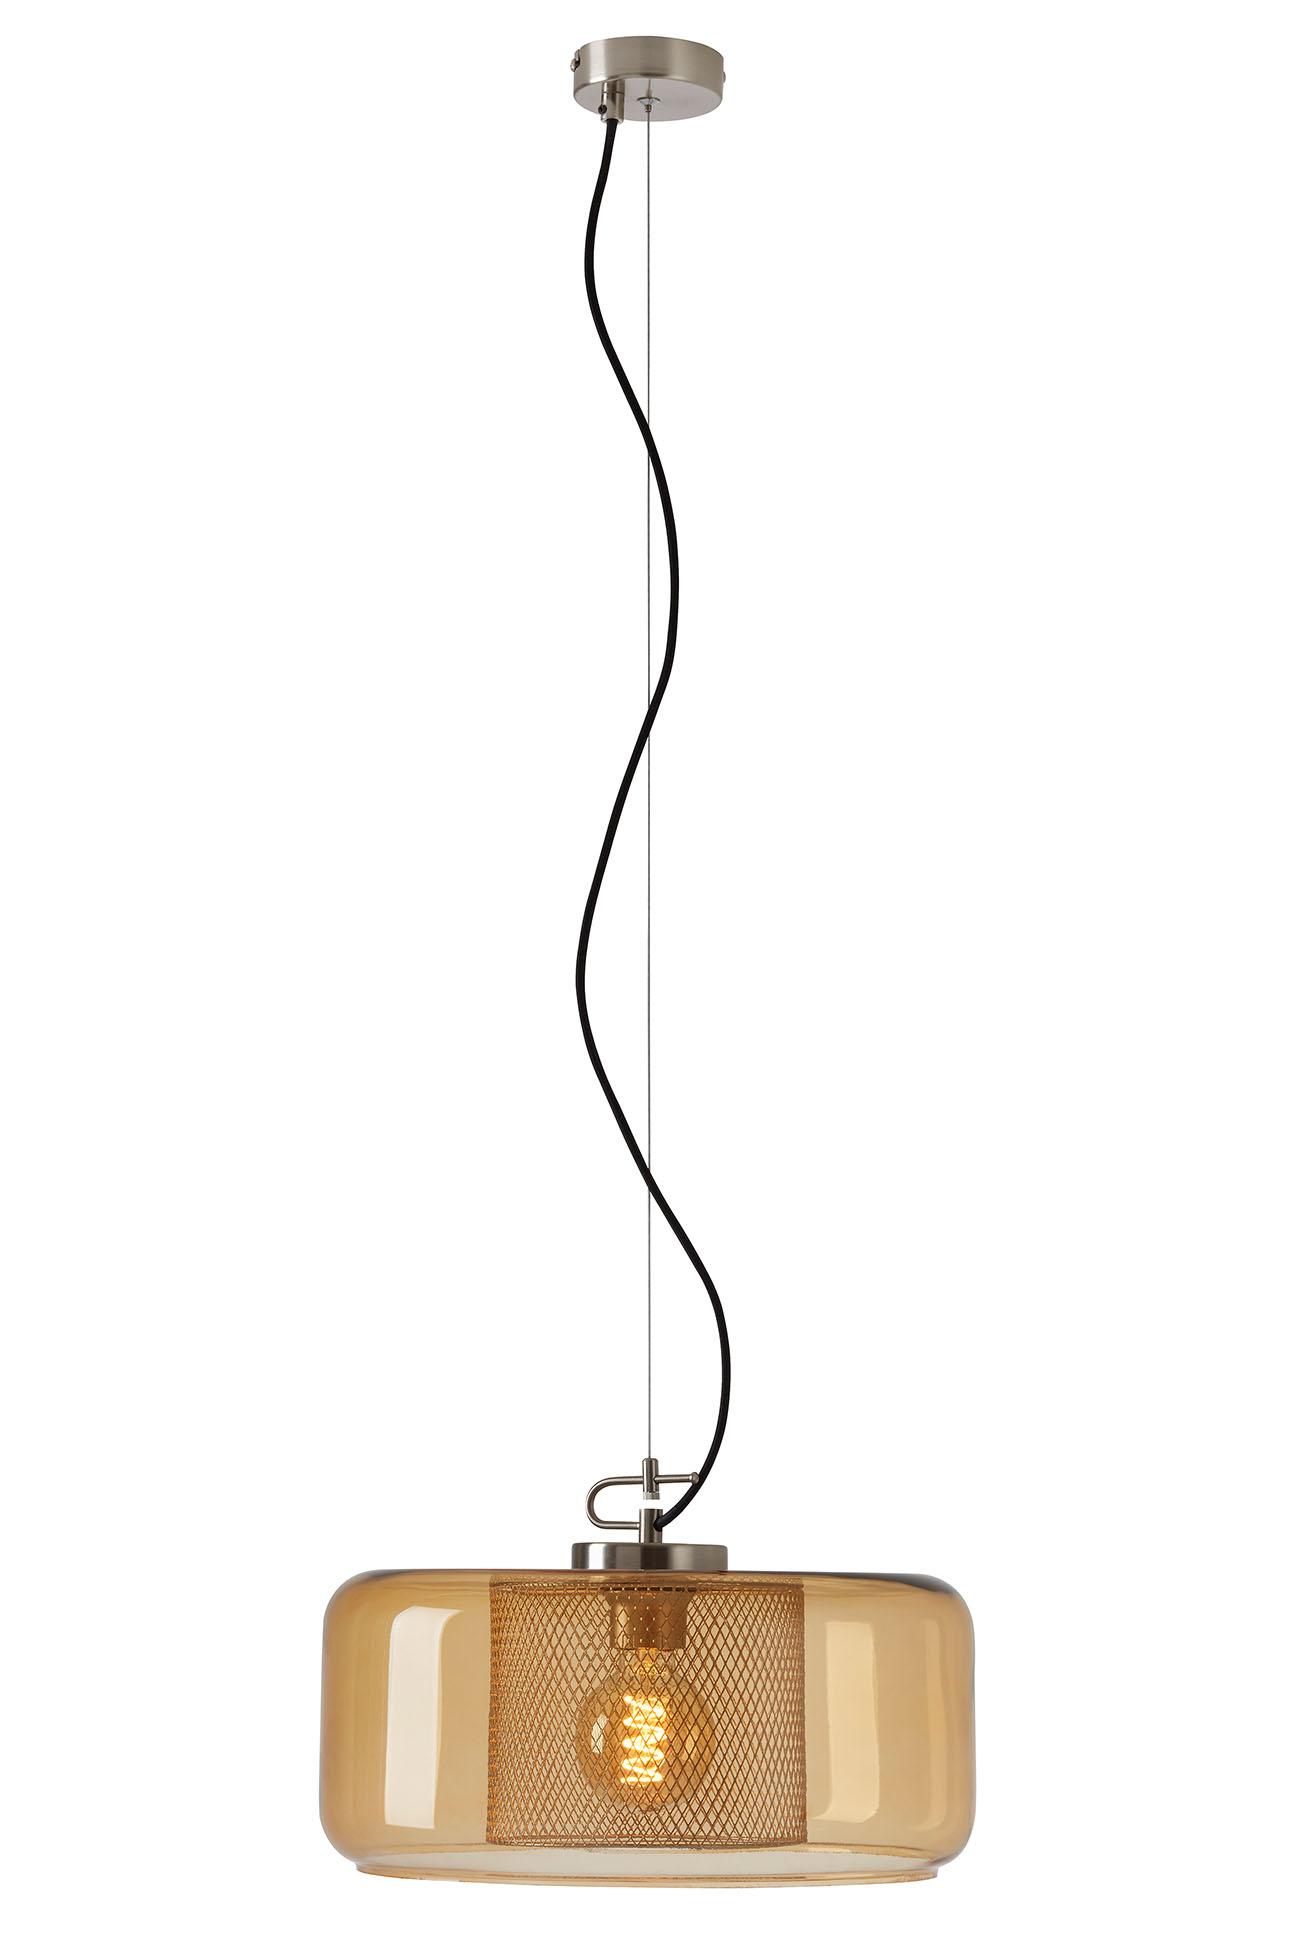 Pendelleuchte, Ø 37 cm, max. 40 W, Matt-Nickel-Amber